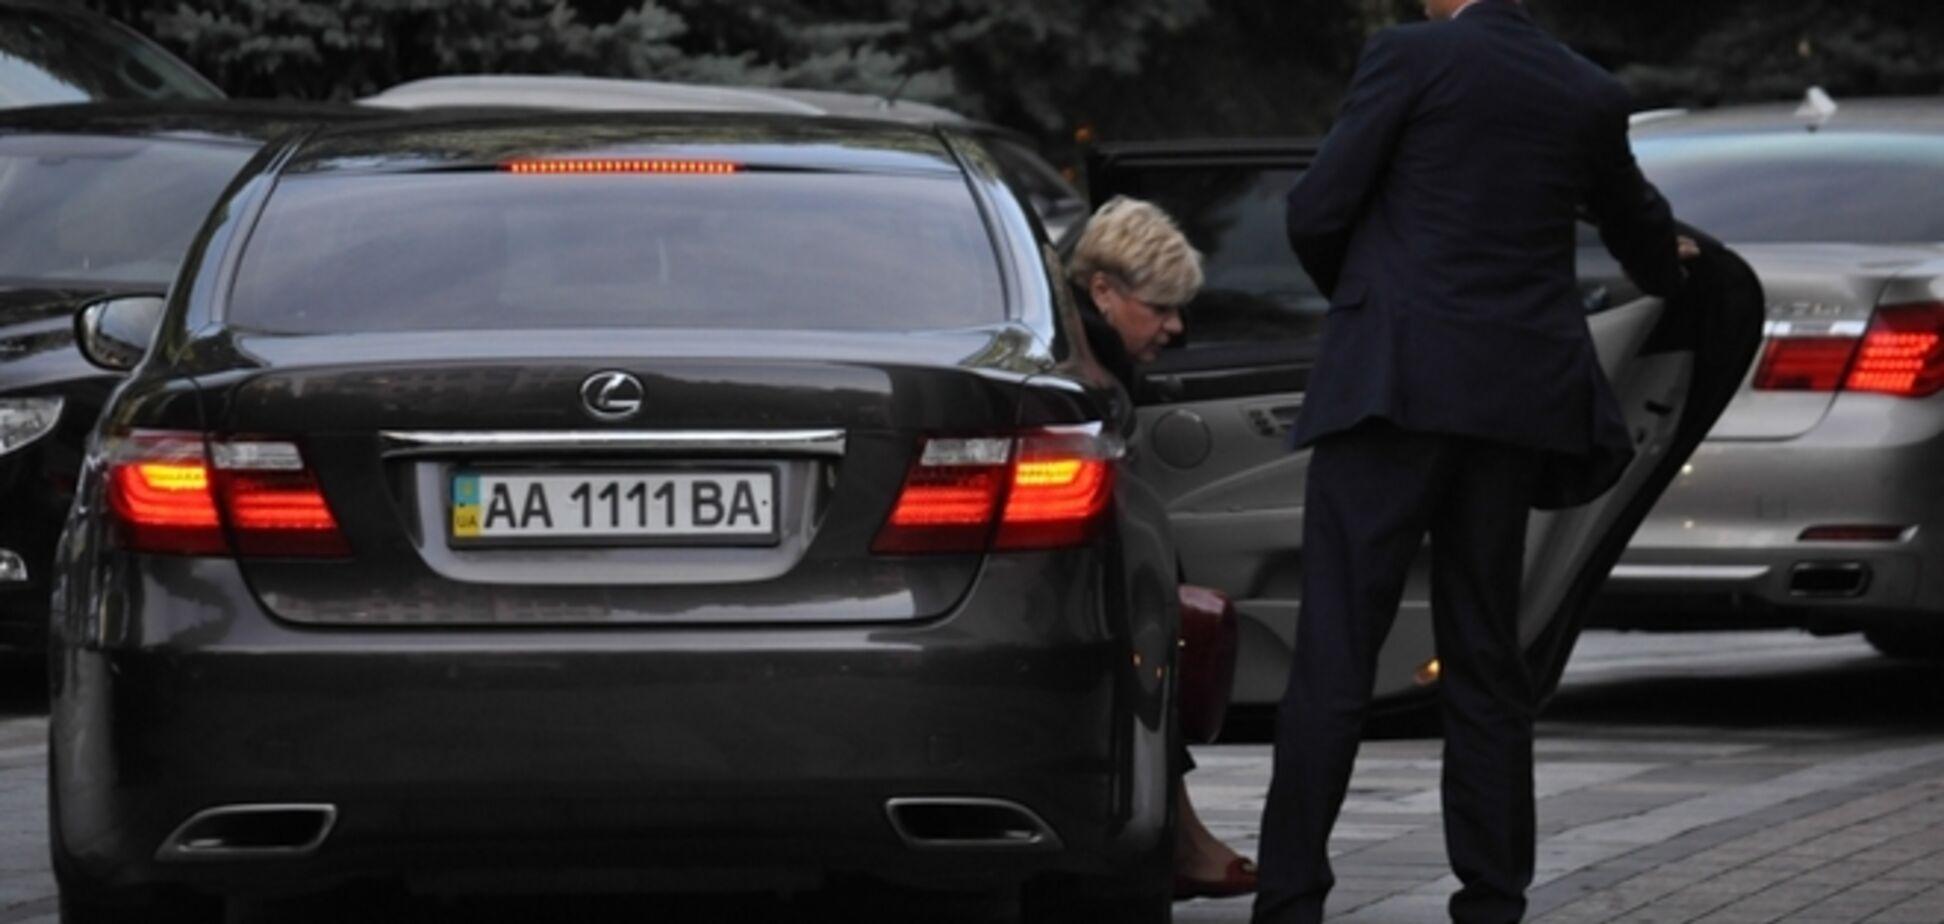 Глава НБУ Гонтарева ездит на Lexus за $140 тысяч, которого нет в ее декларации